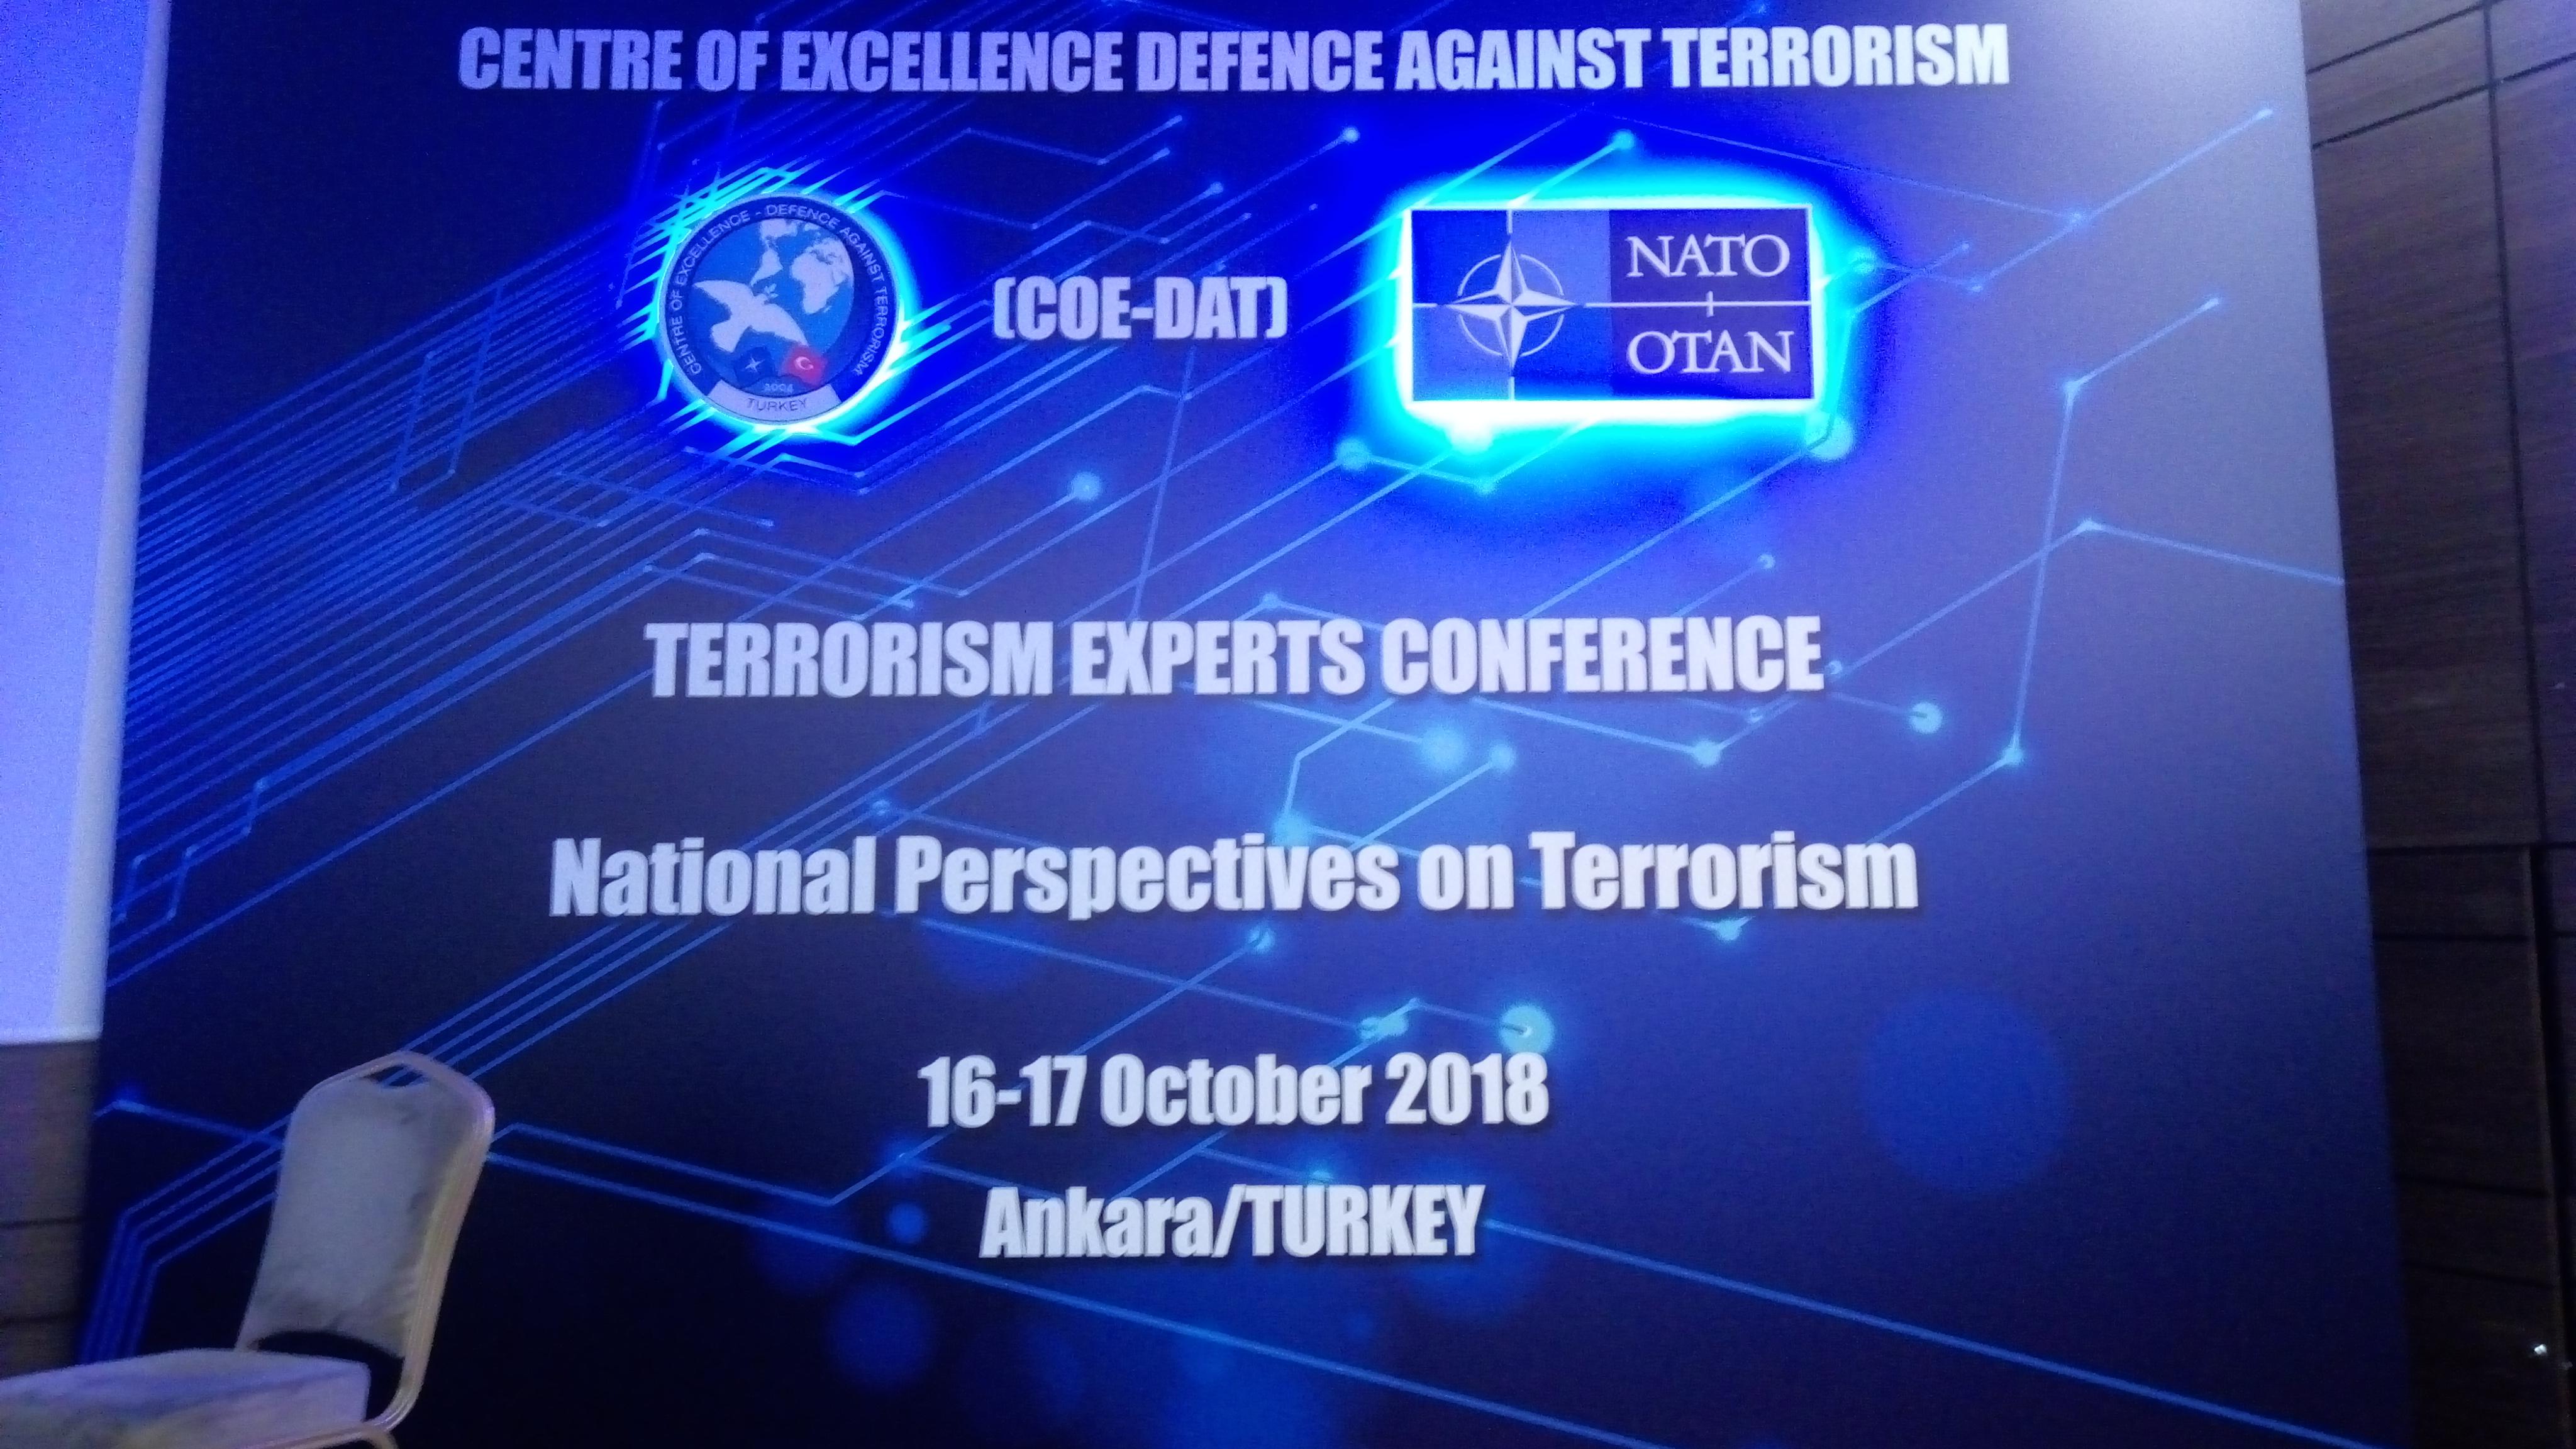 Конференция на експертите по противодействие на тероризма в центърана НАТО за противодействие на тероризма в Анкара – Турция